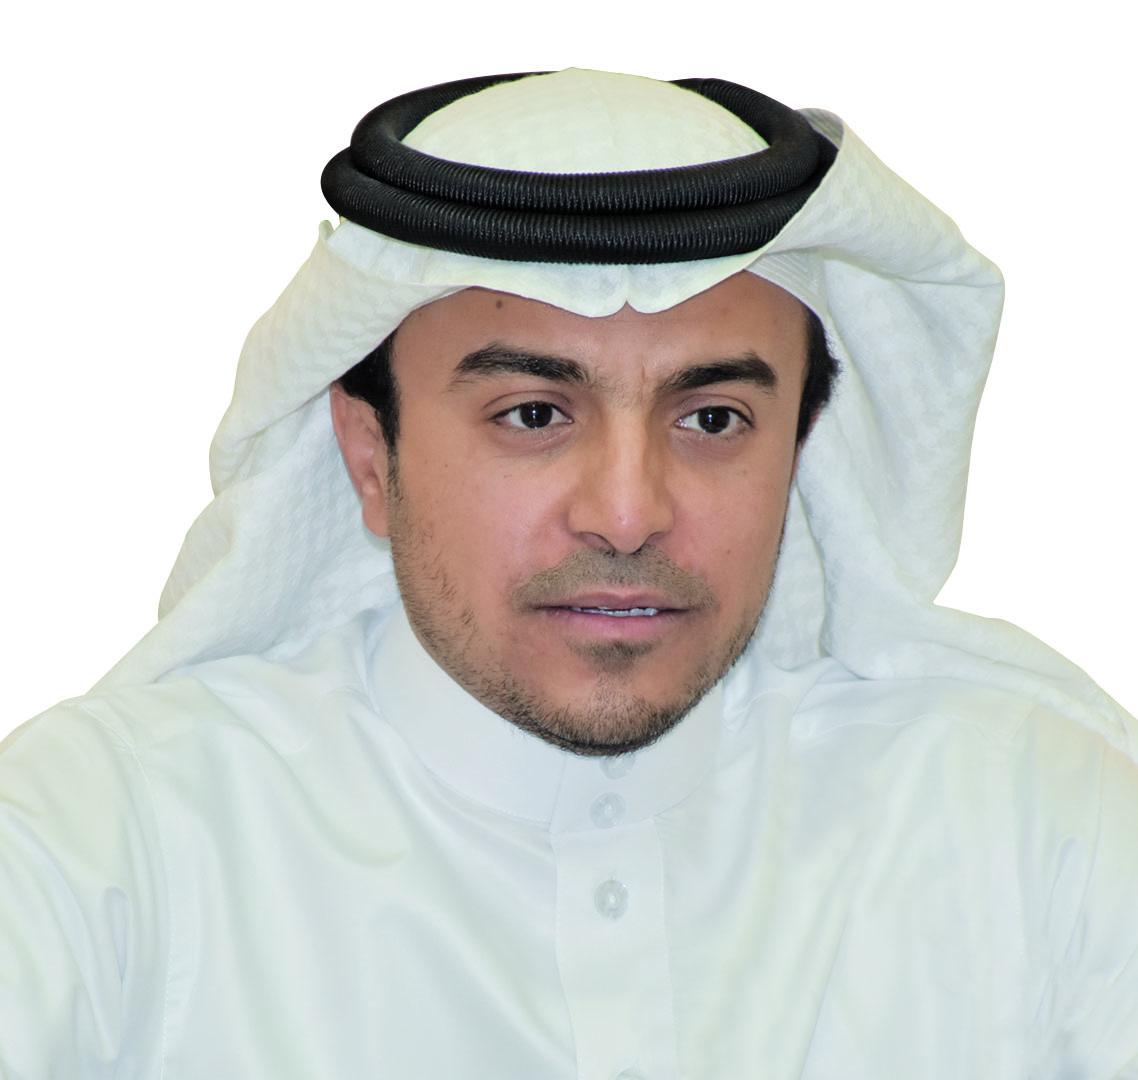 إبراهيم ال الشيخ مبارك أمين عام الغرفة - Copy